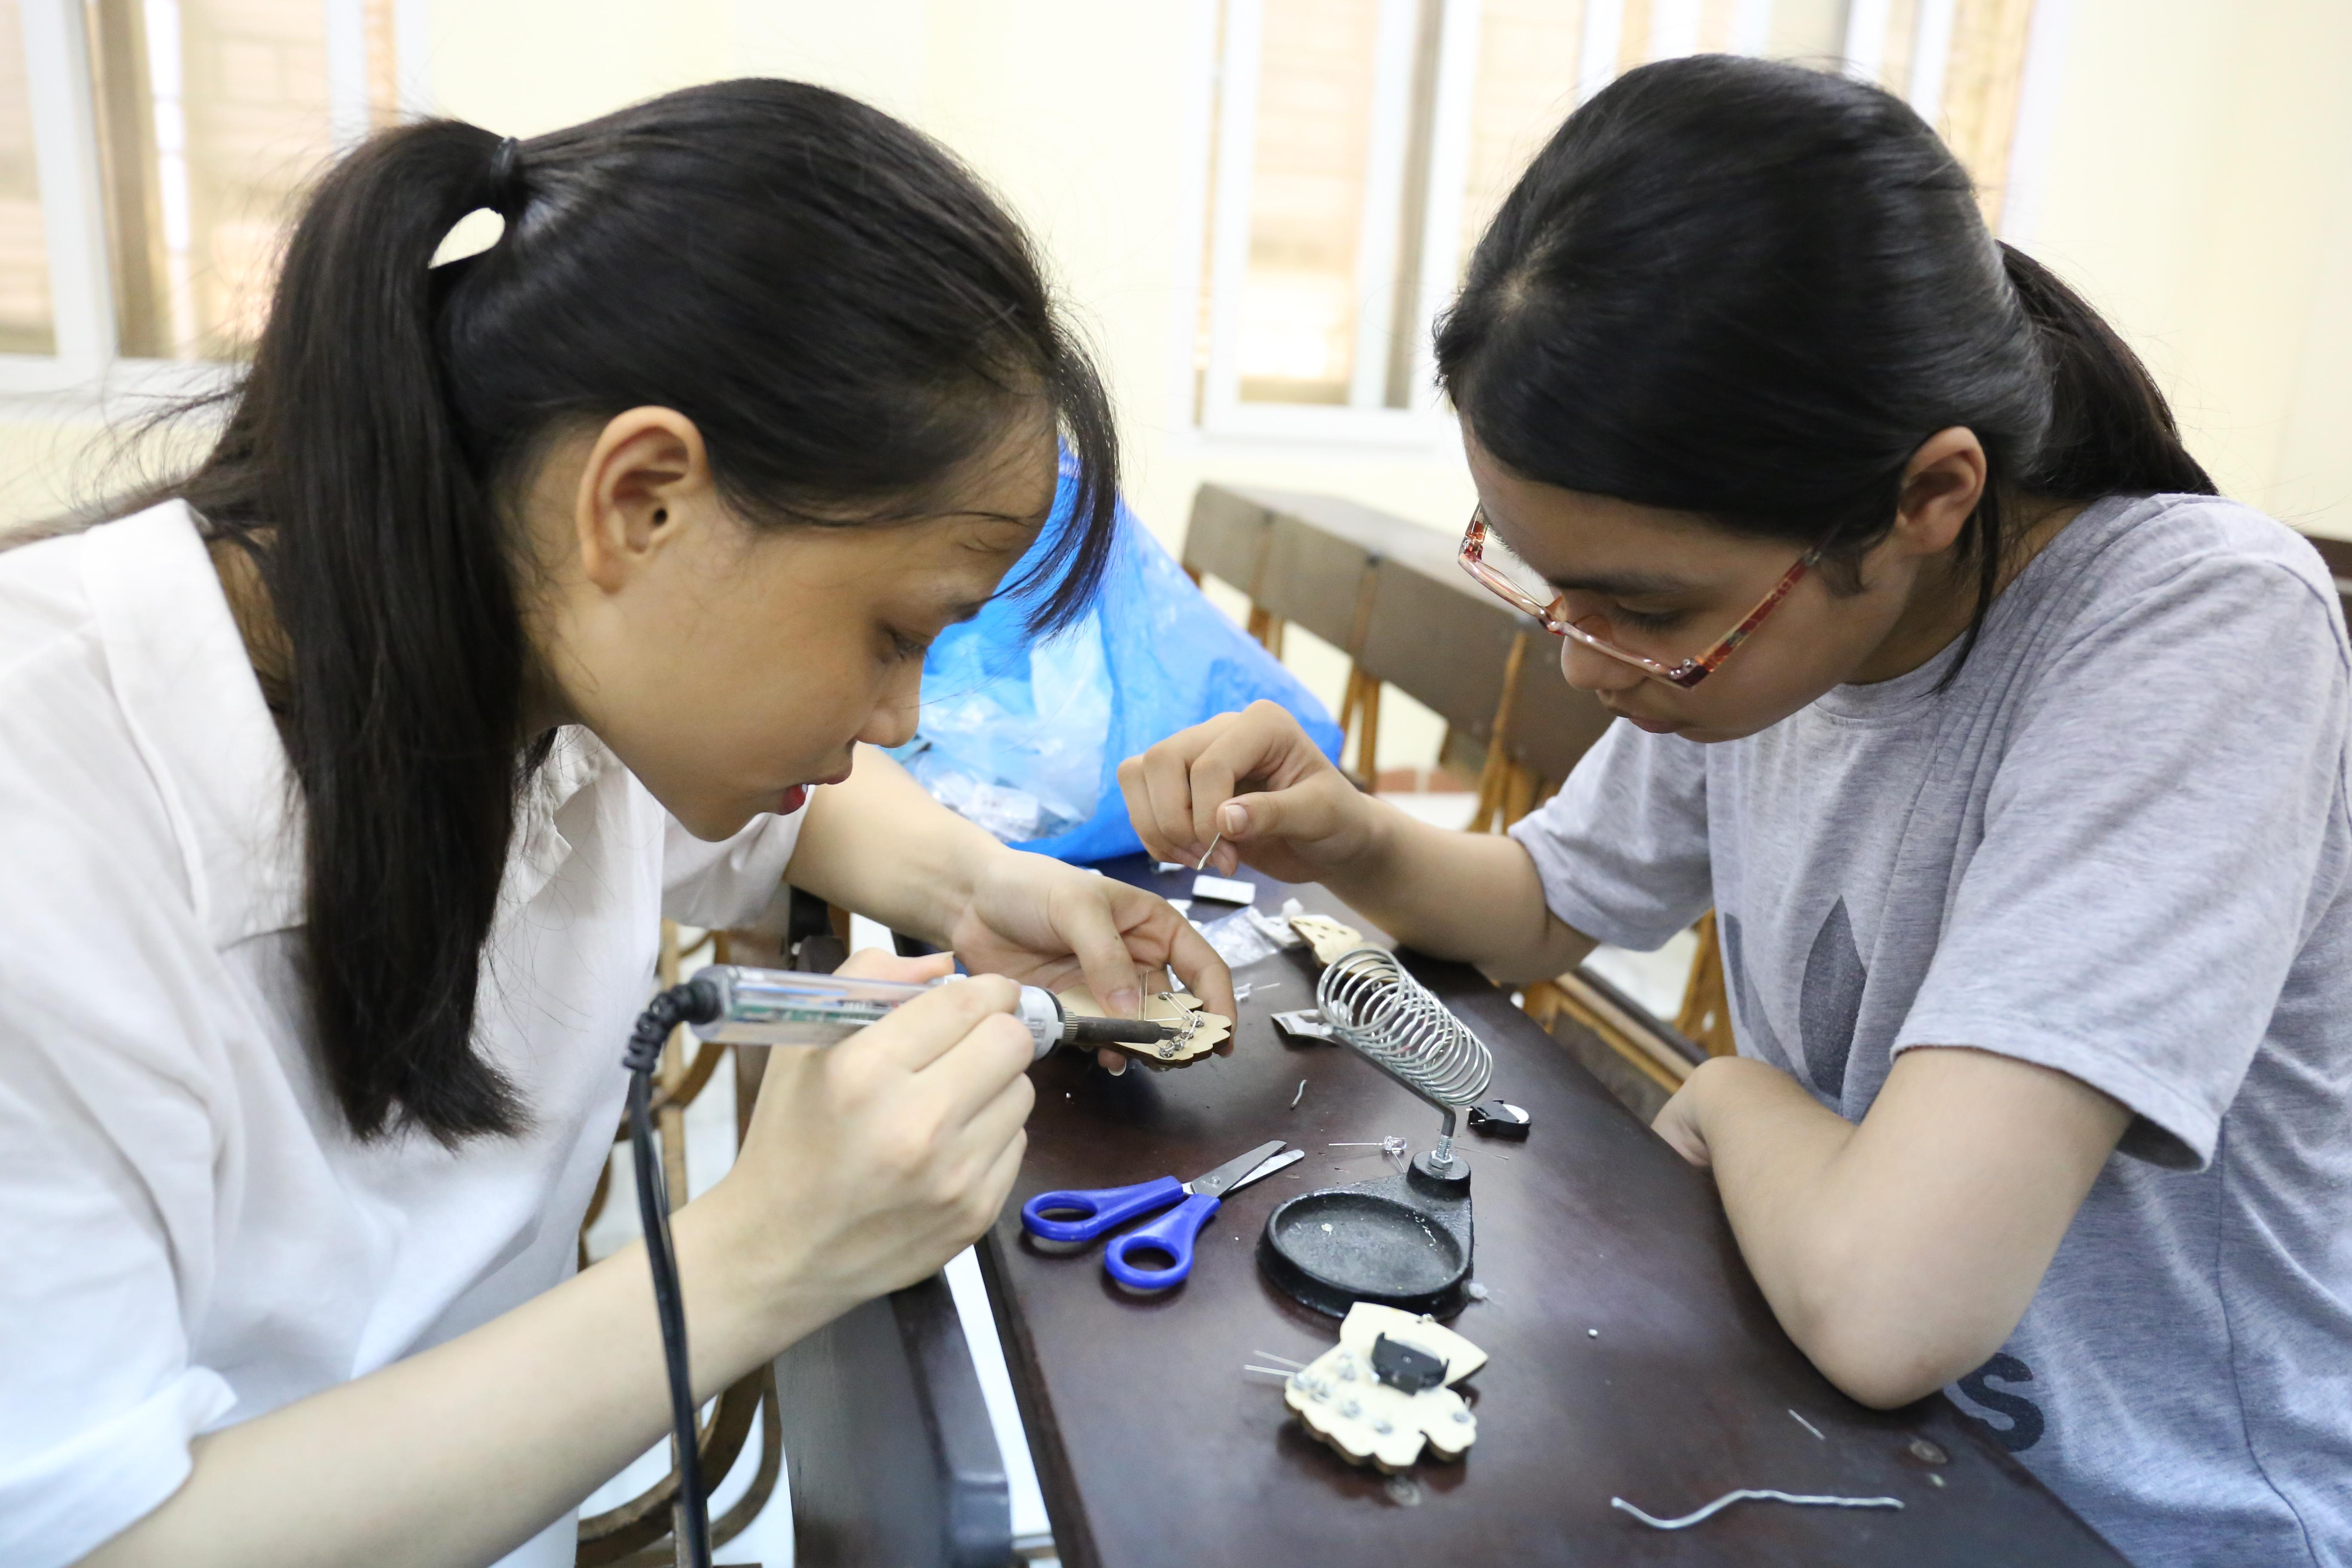 Cơ khí kỹ thuật không chỉ dành cho con trai mà cả con gái nữa. Tại lớp học STEM, các em dùng mỏ hàn để hàn các đèn Led vào mạch điện để làm Găng tay Thanos. Ai khéo tay làm xong sản phẩm đều có thể mang móc khóa gắn găng tay về nhà làm kỷ niệm.